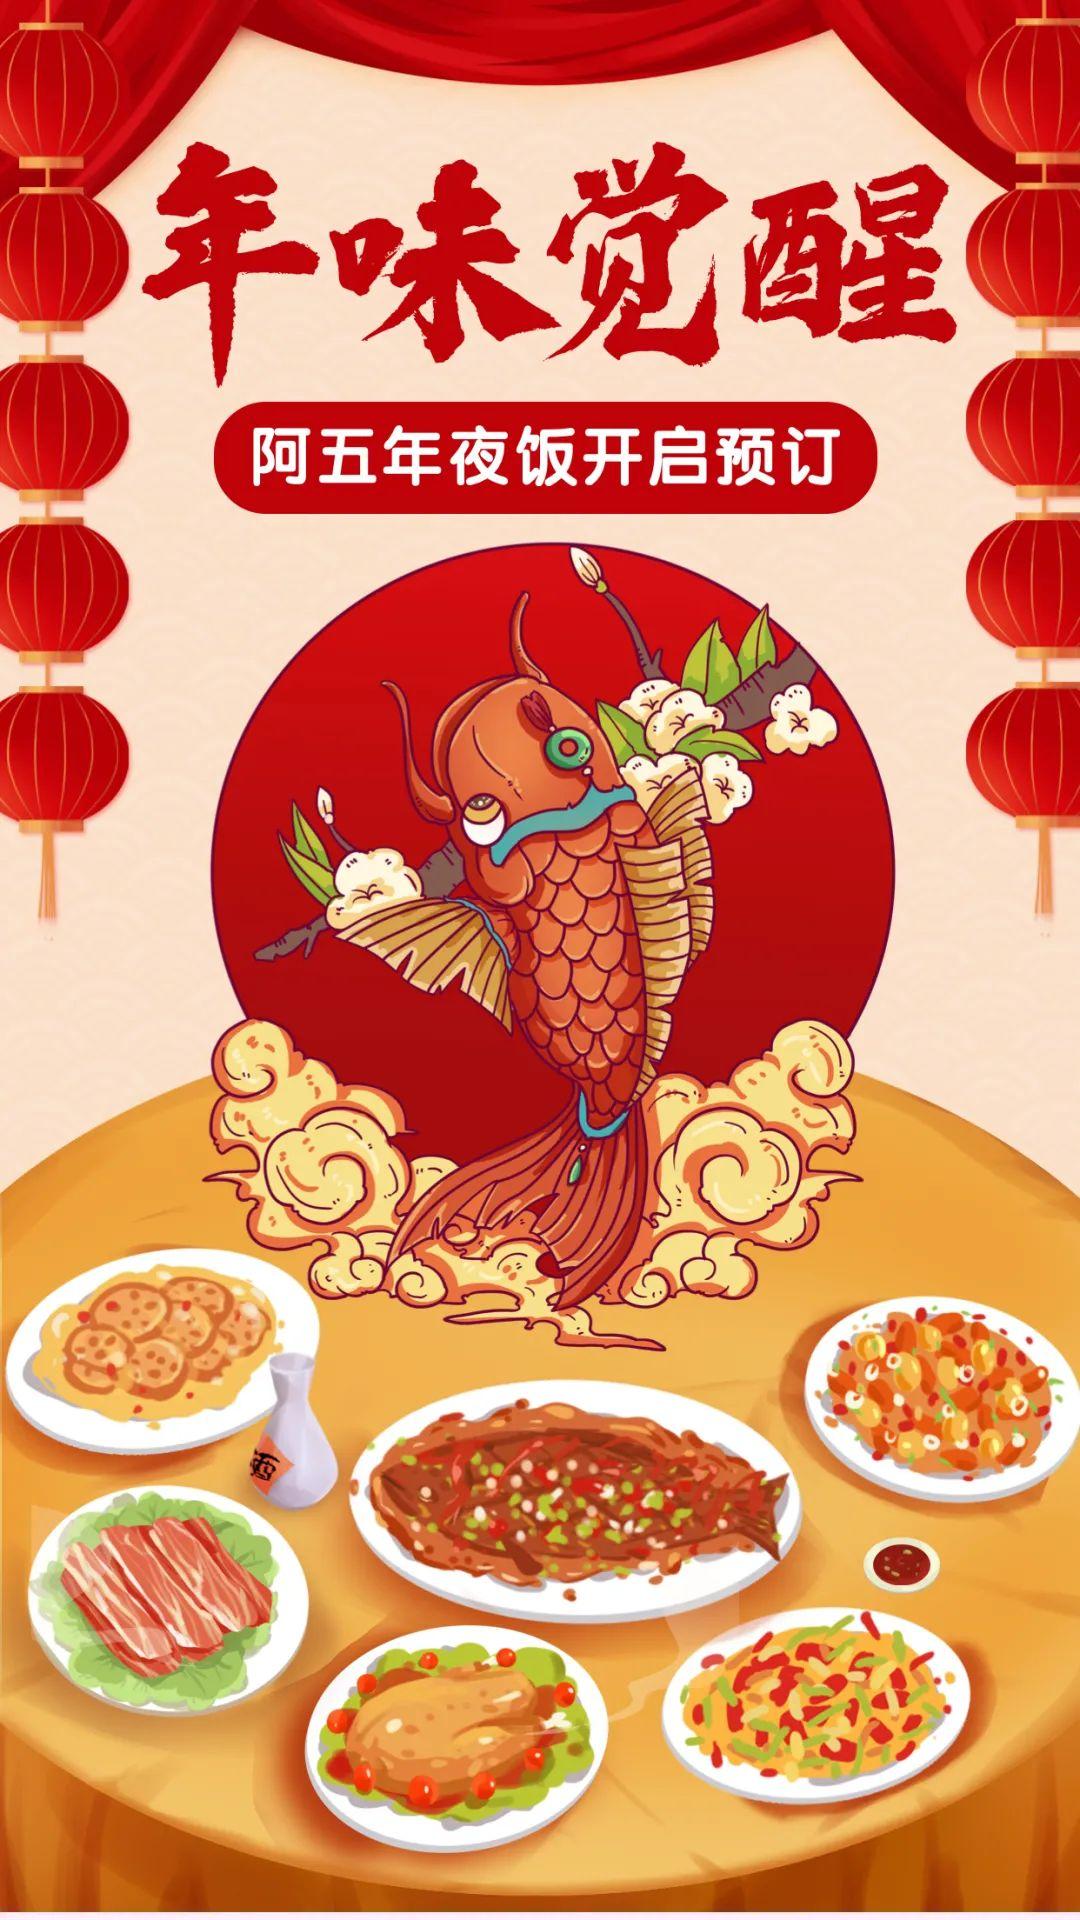 年味觉醒,阿五黄河大鲤鱼年夜饭火爆预定中,趁现在抓紧时间出手吧!